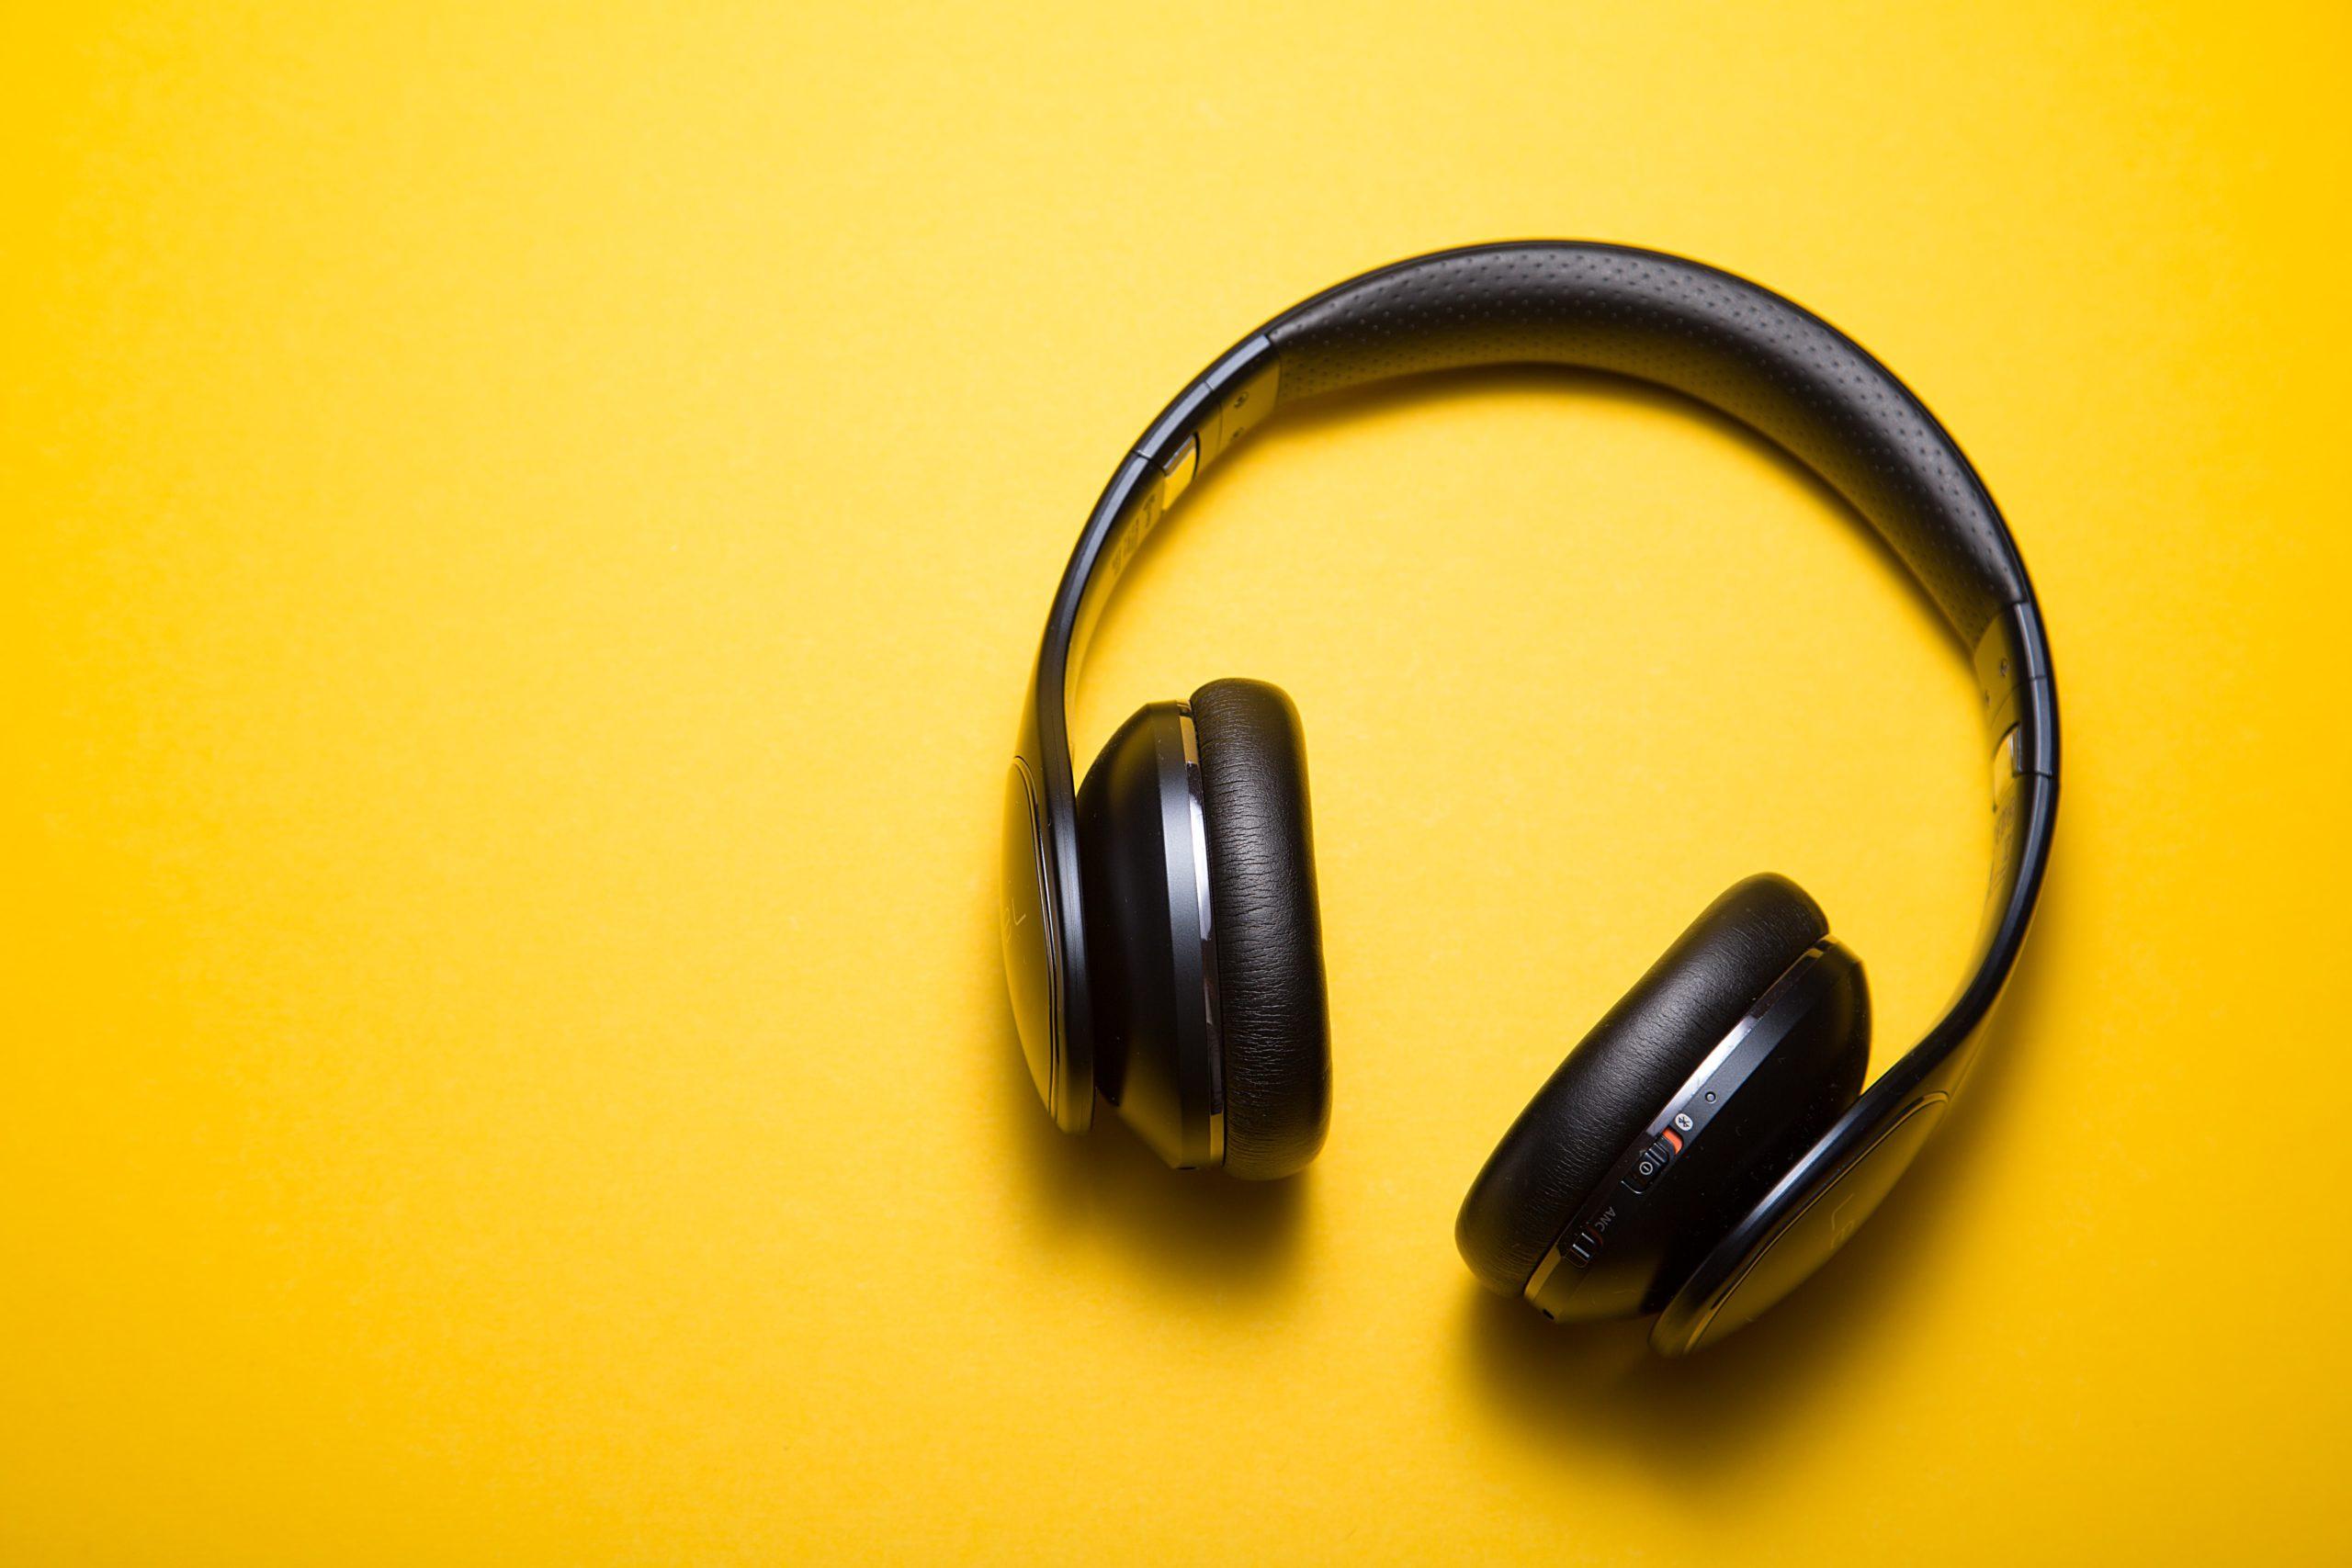 【体験談】Amazon Music Unlimitedを解約した話【まずは無料体験】